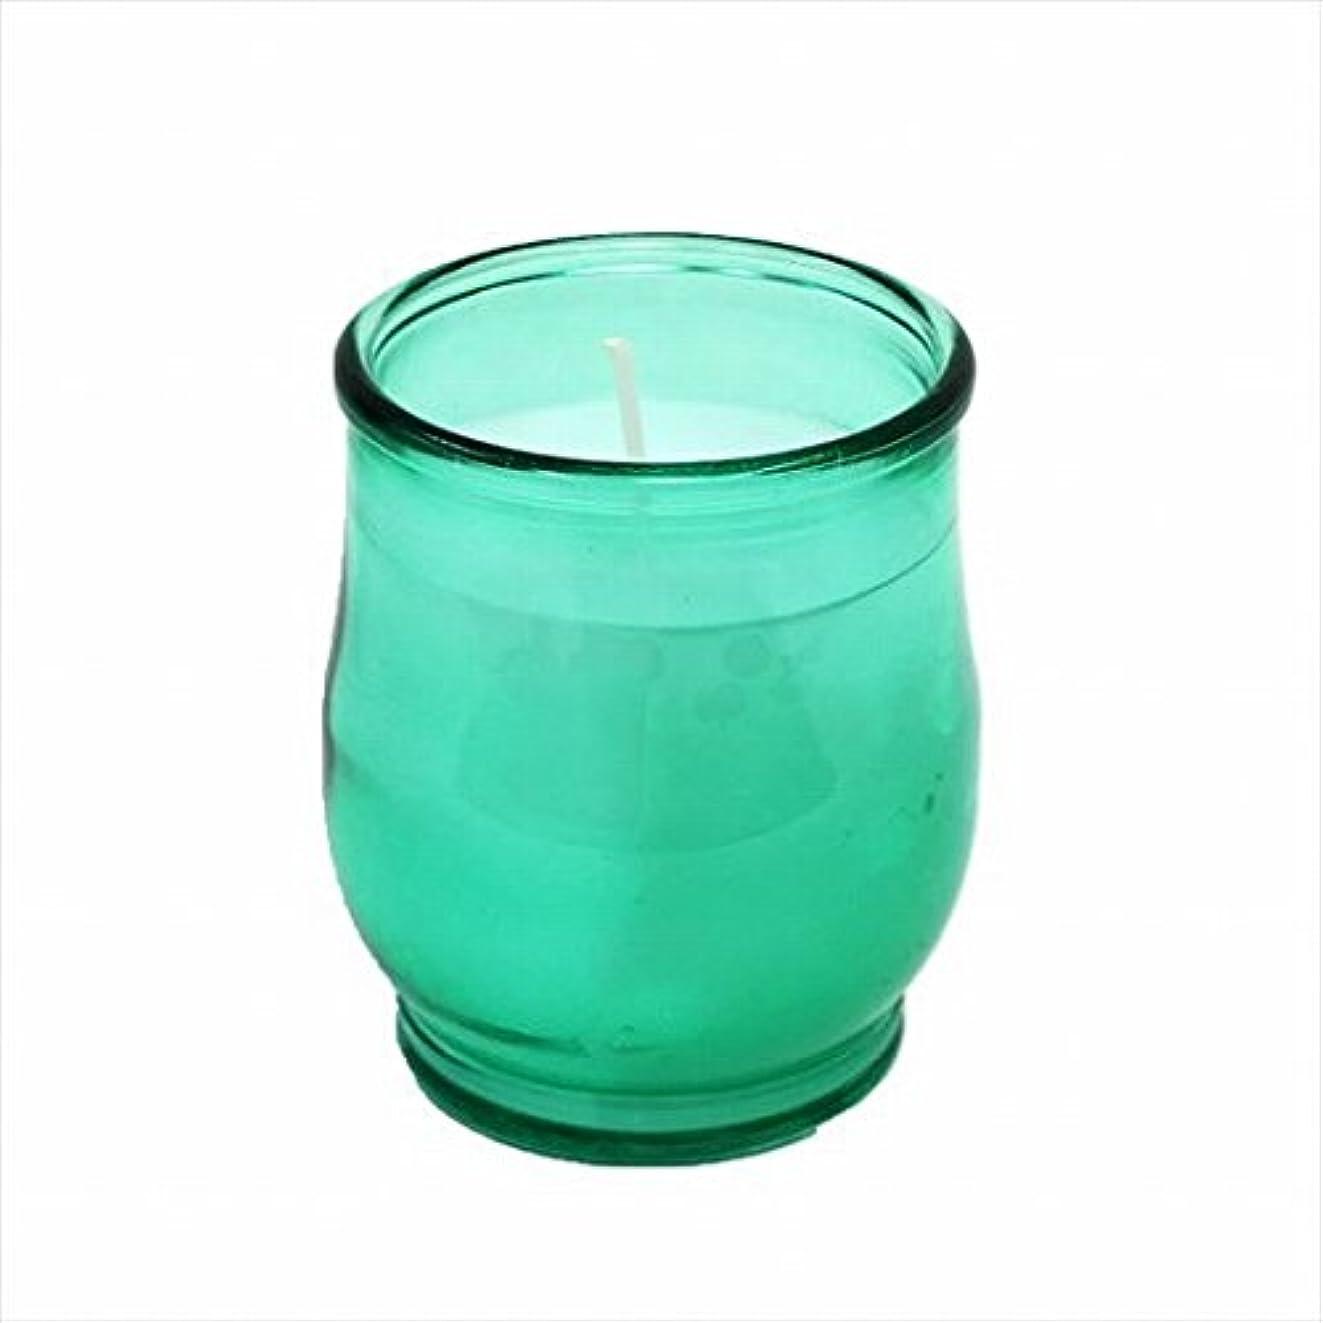 シーボード公園ドールカメヤマキャンドル(kameyama candle) ポシェ(非常用コップローソク) 「 グリーン(ライトカラー) 」